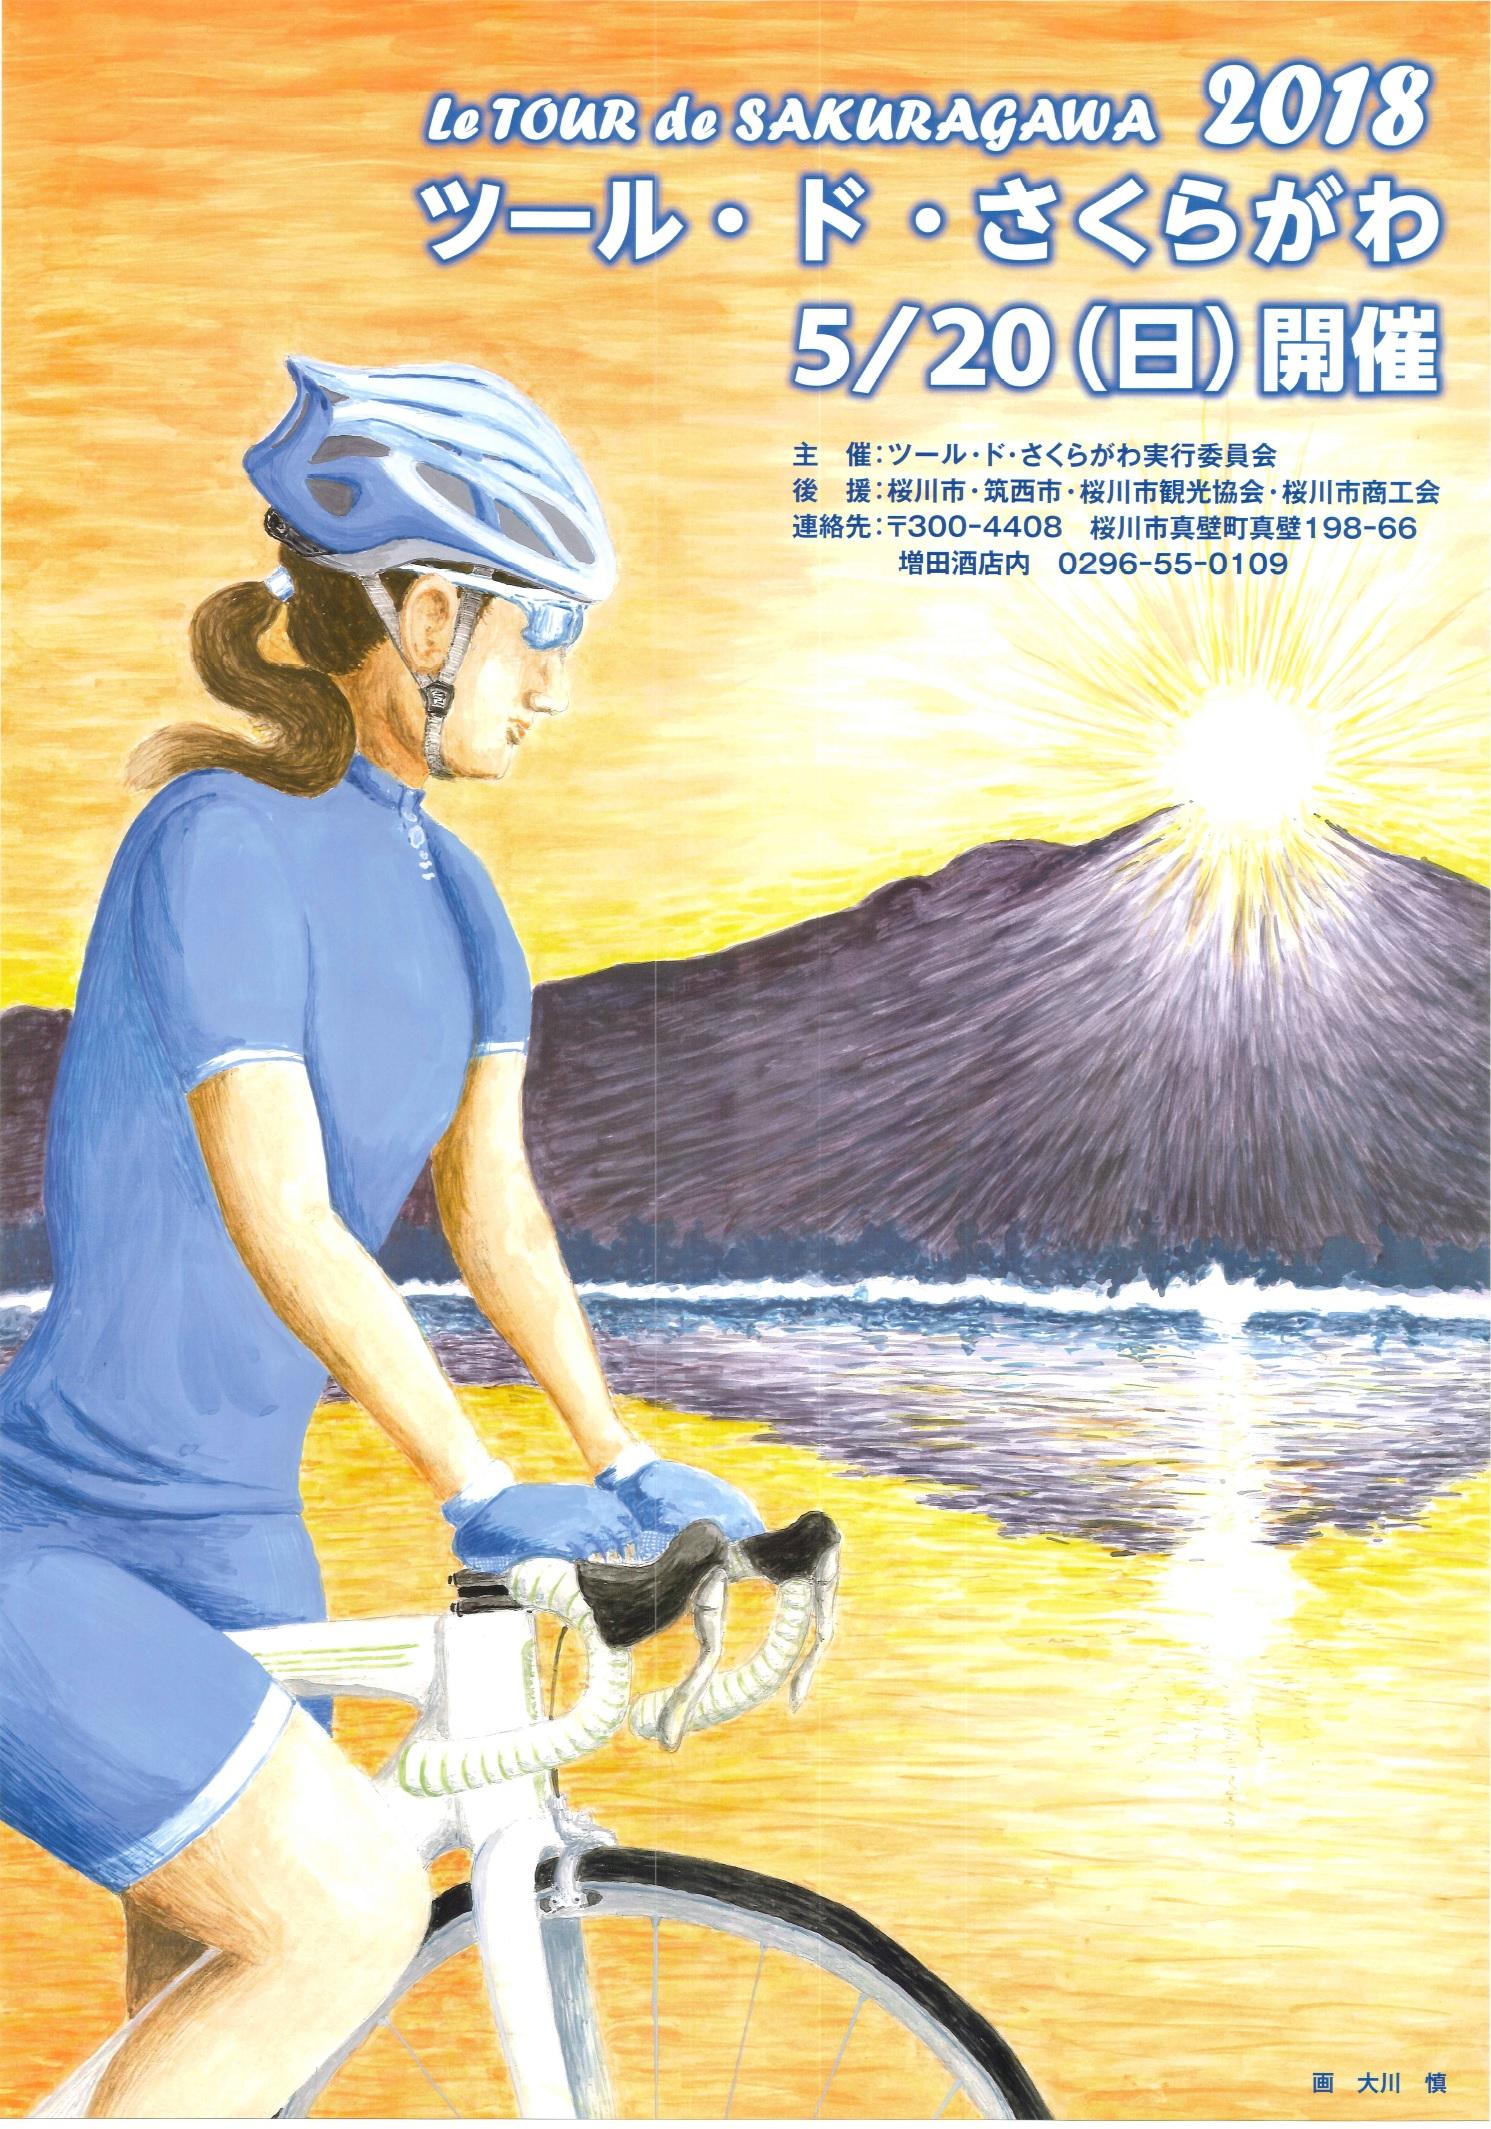 『ツールド桜川』の画像